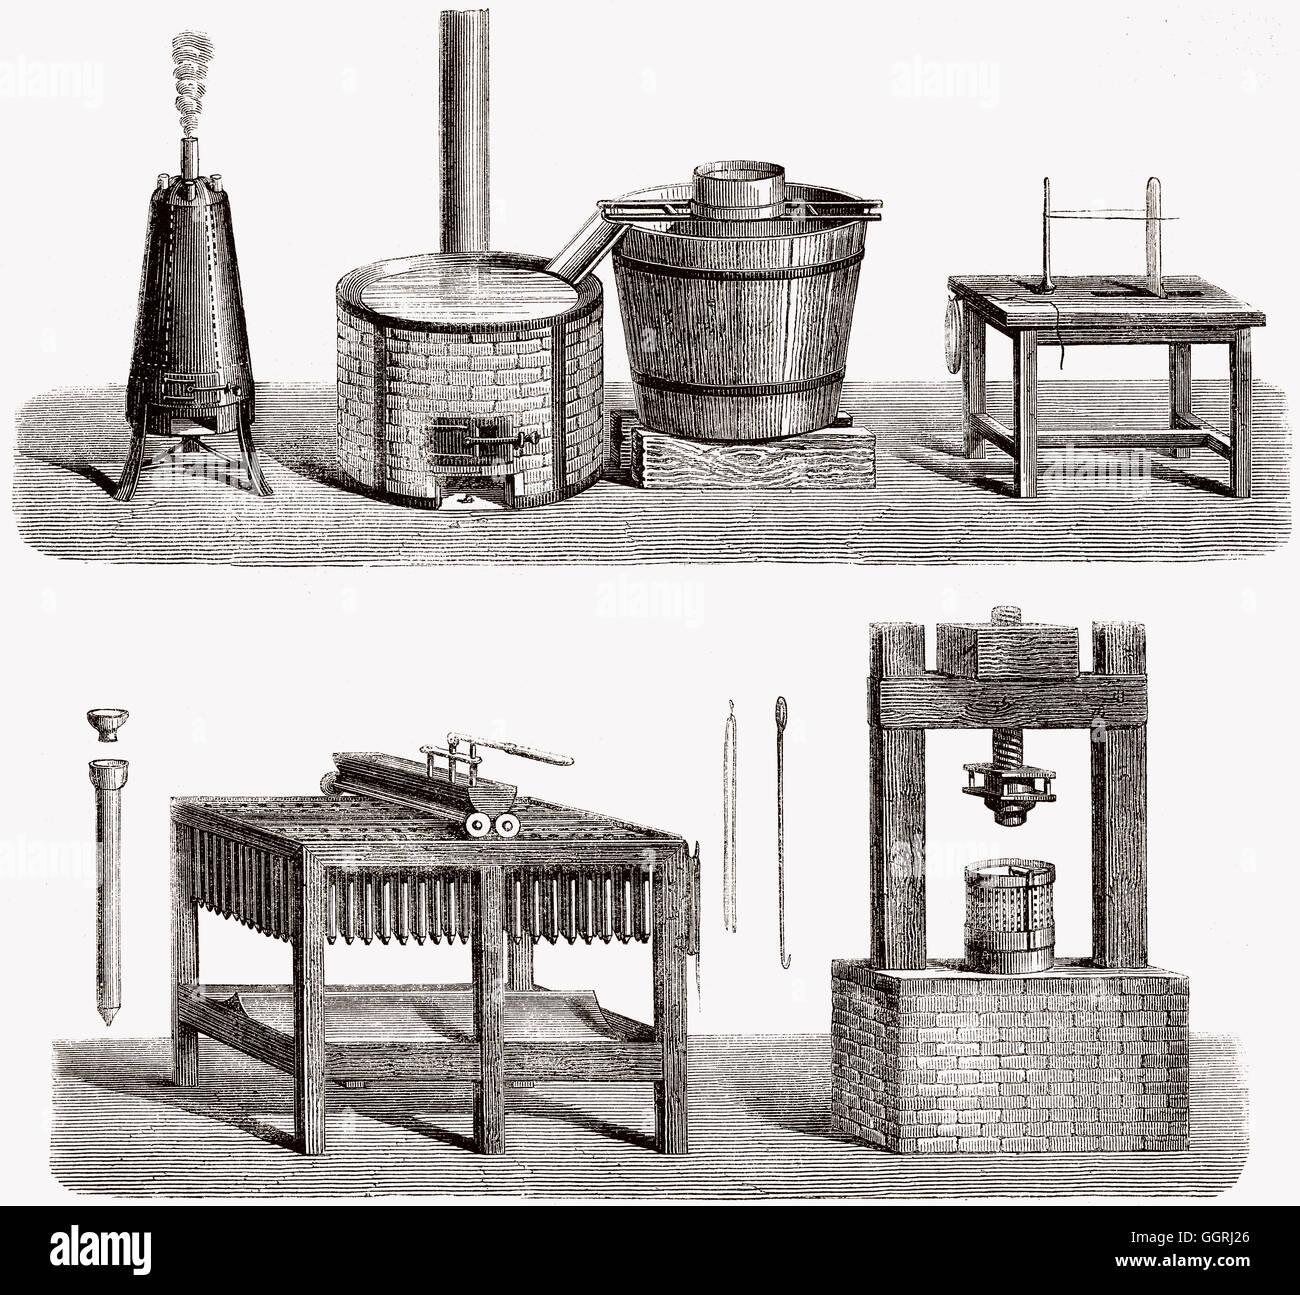 Kerzenproduktion im 19. Jahrhundert Stockbild